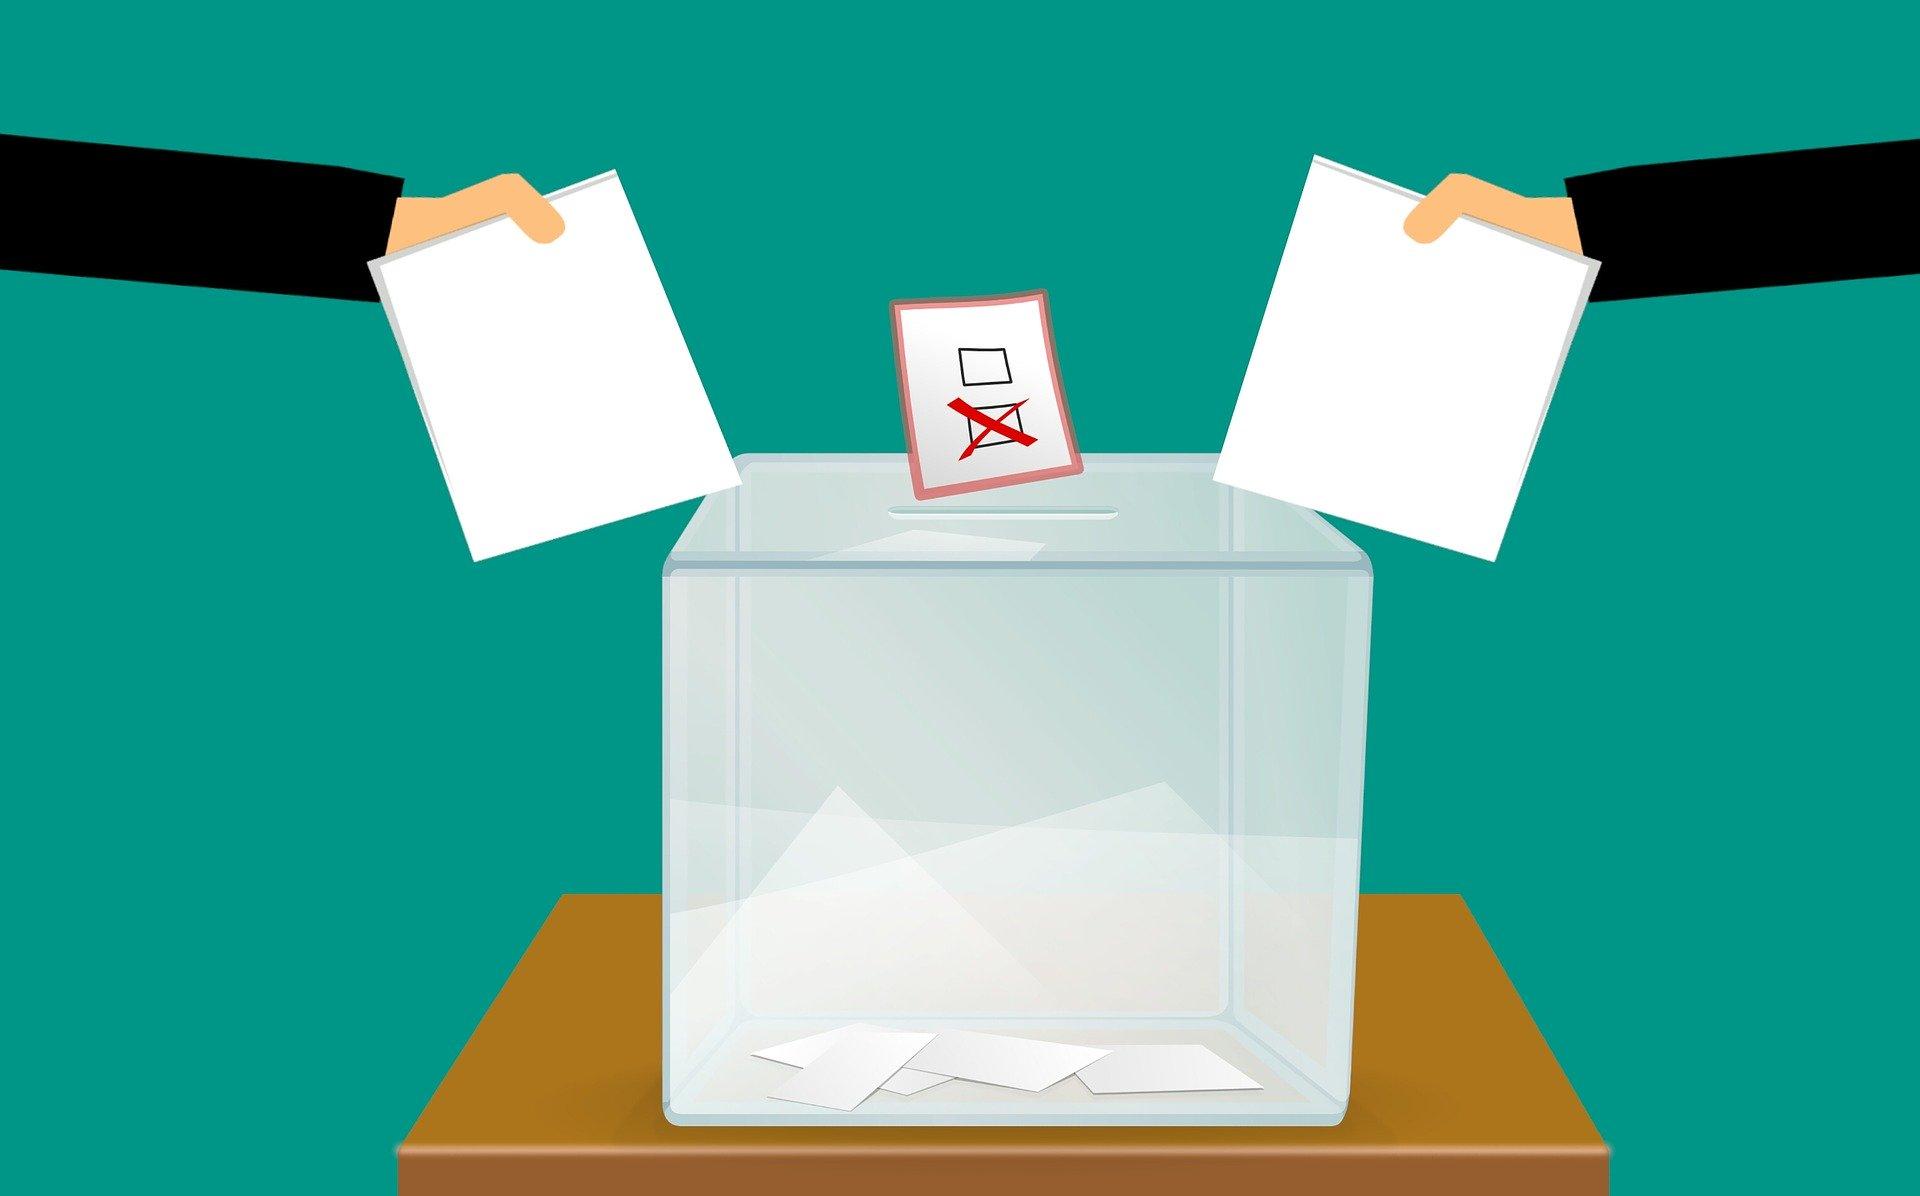 głosowanie na prezydenta - urna